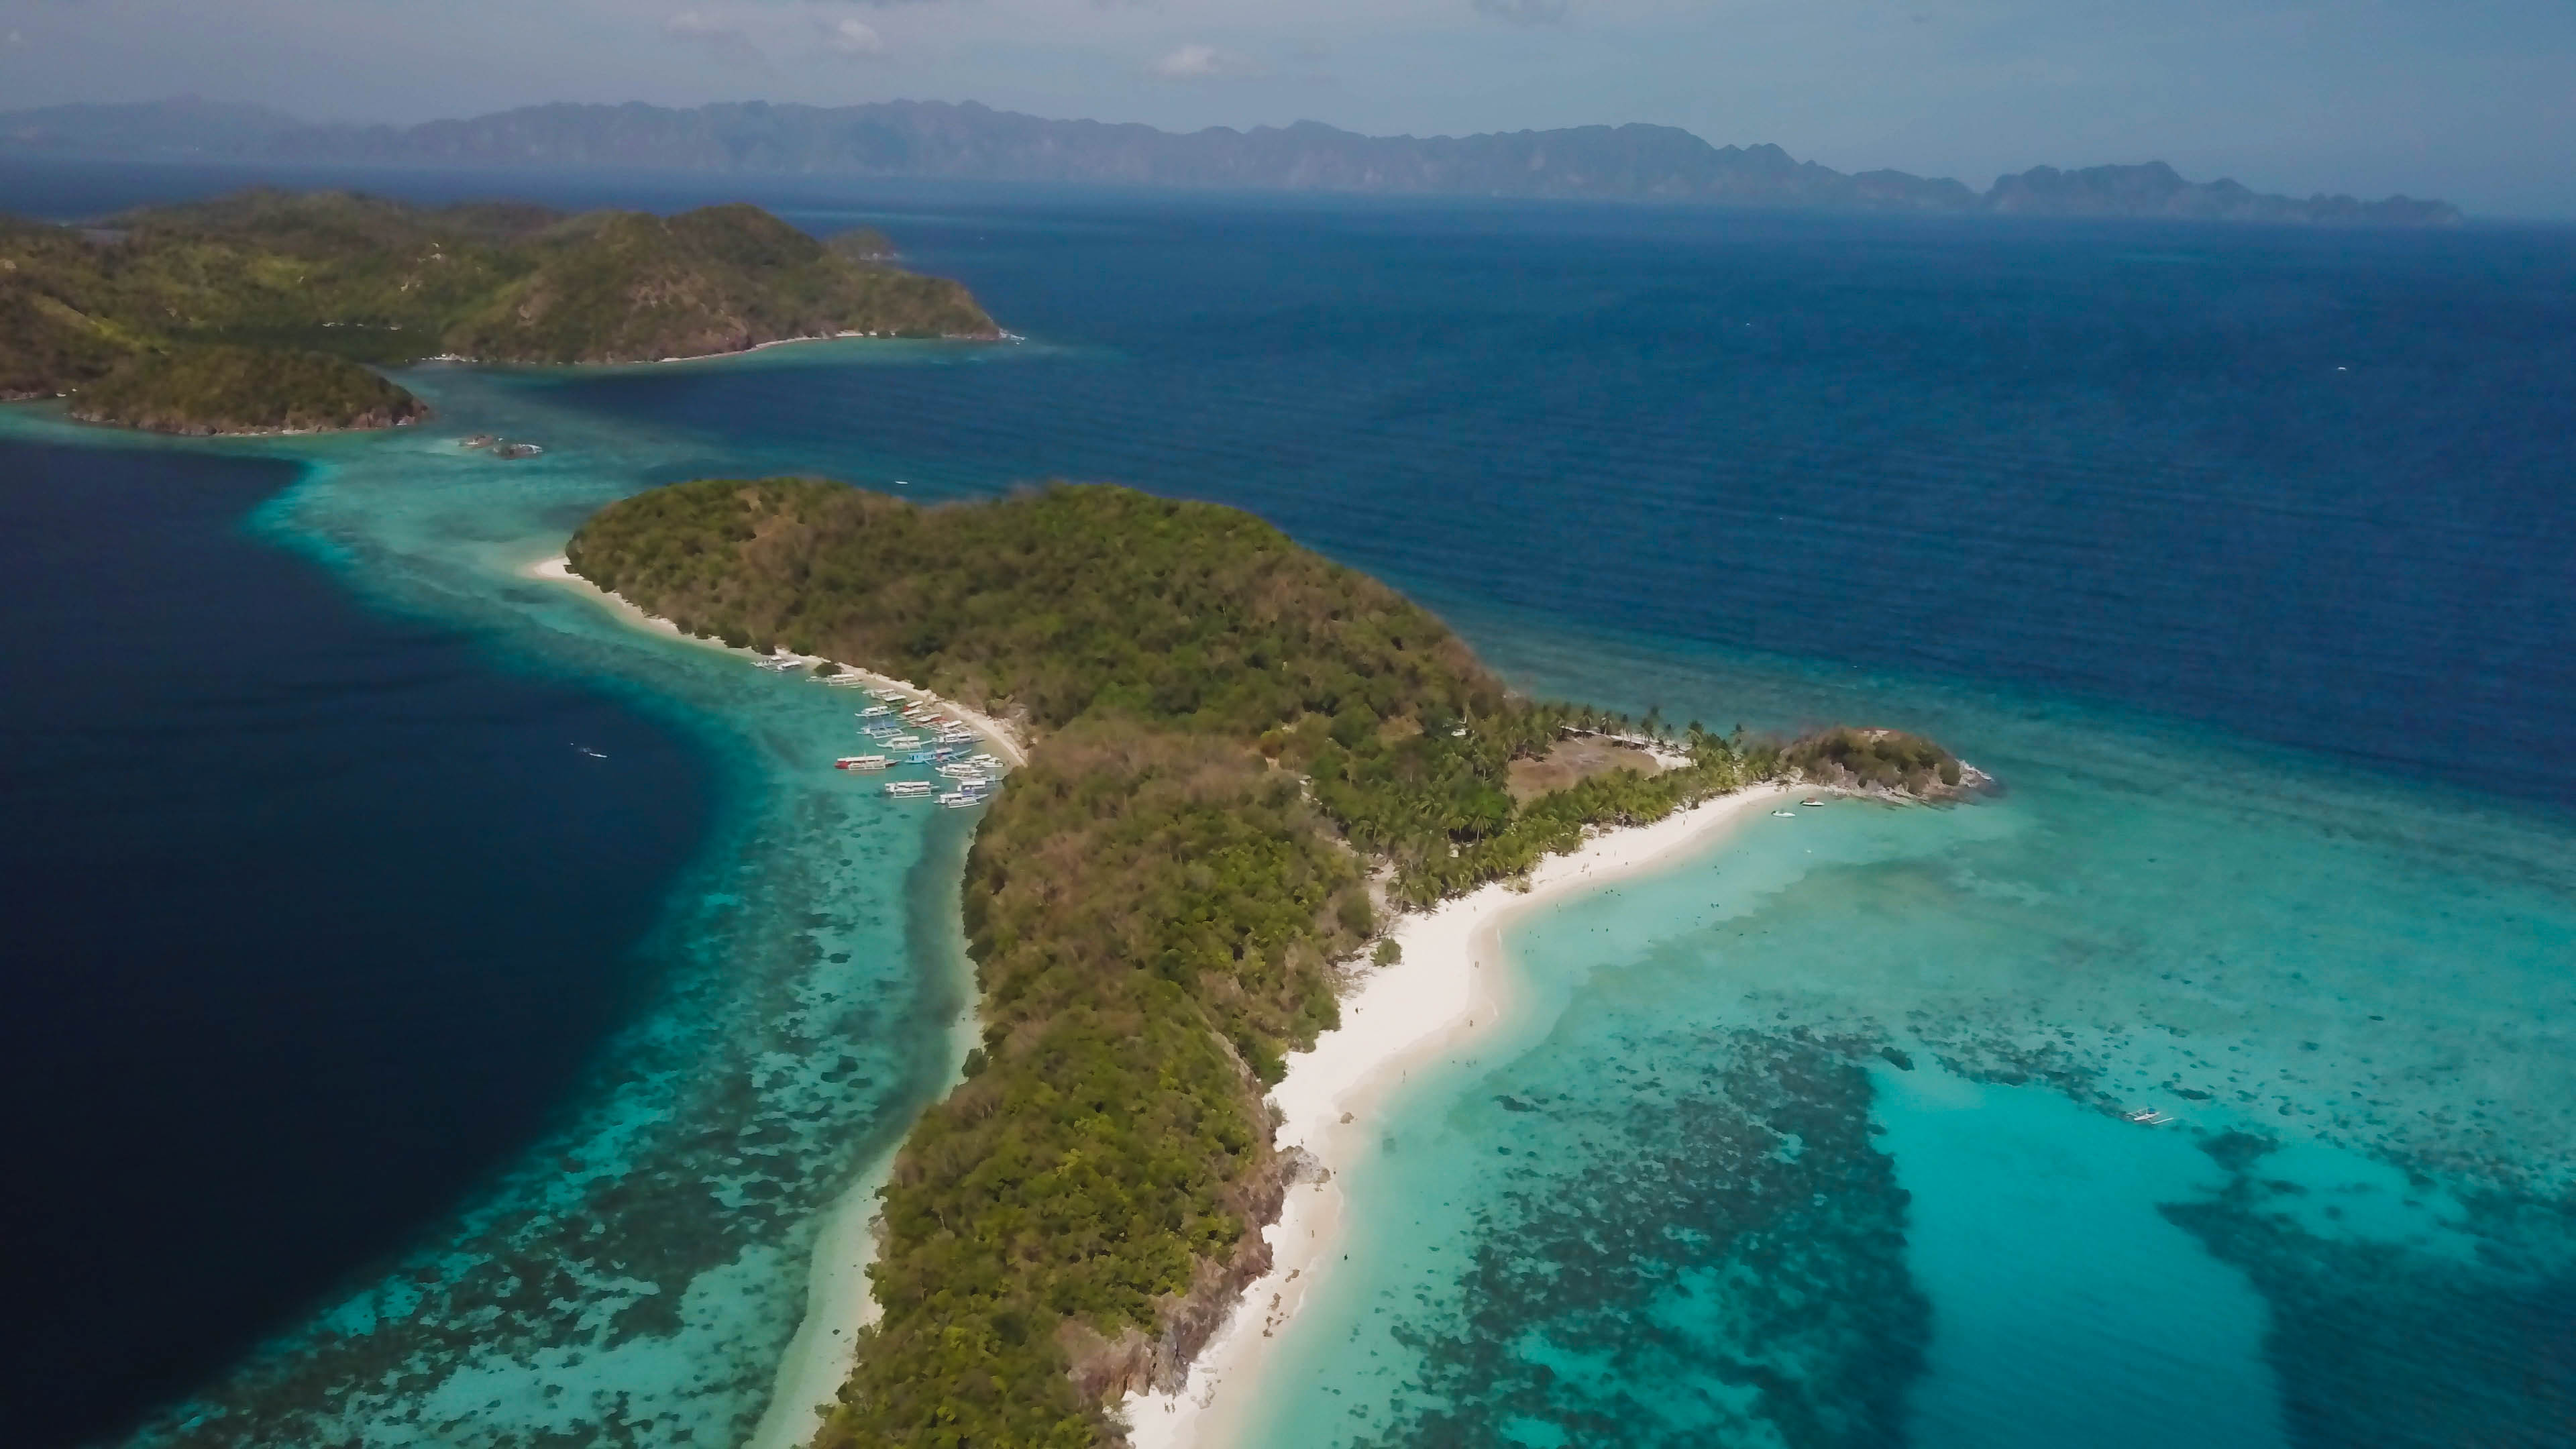 白沙藍海圍繞的小島